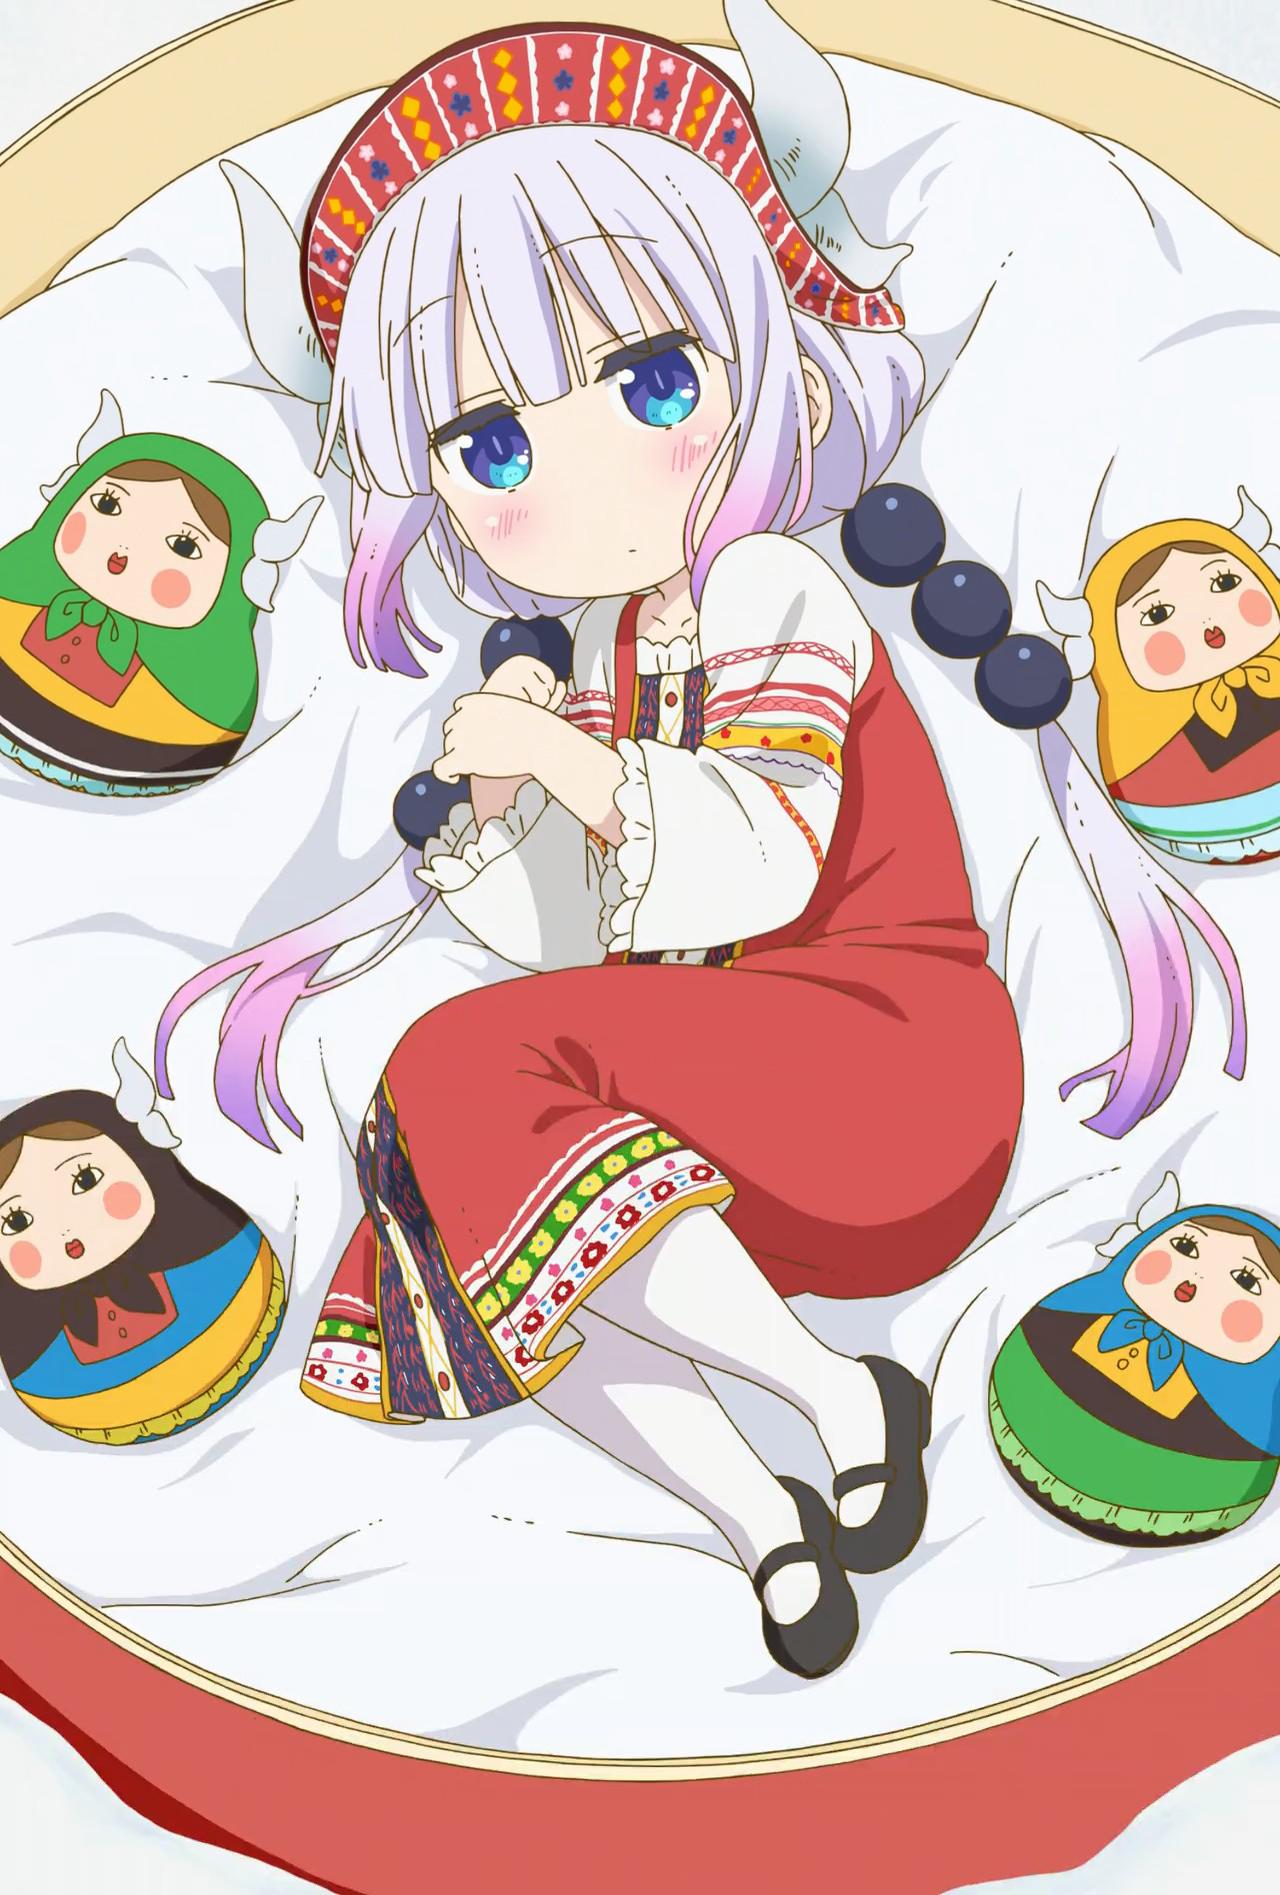 Hình nền : Anime cô gái, Kobayashi san Chi no maid dragon